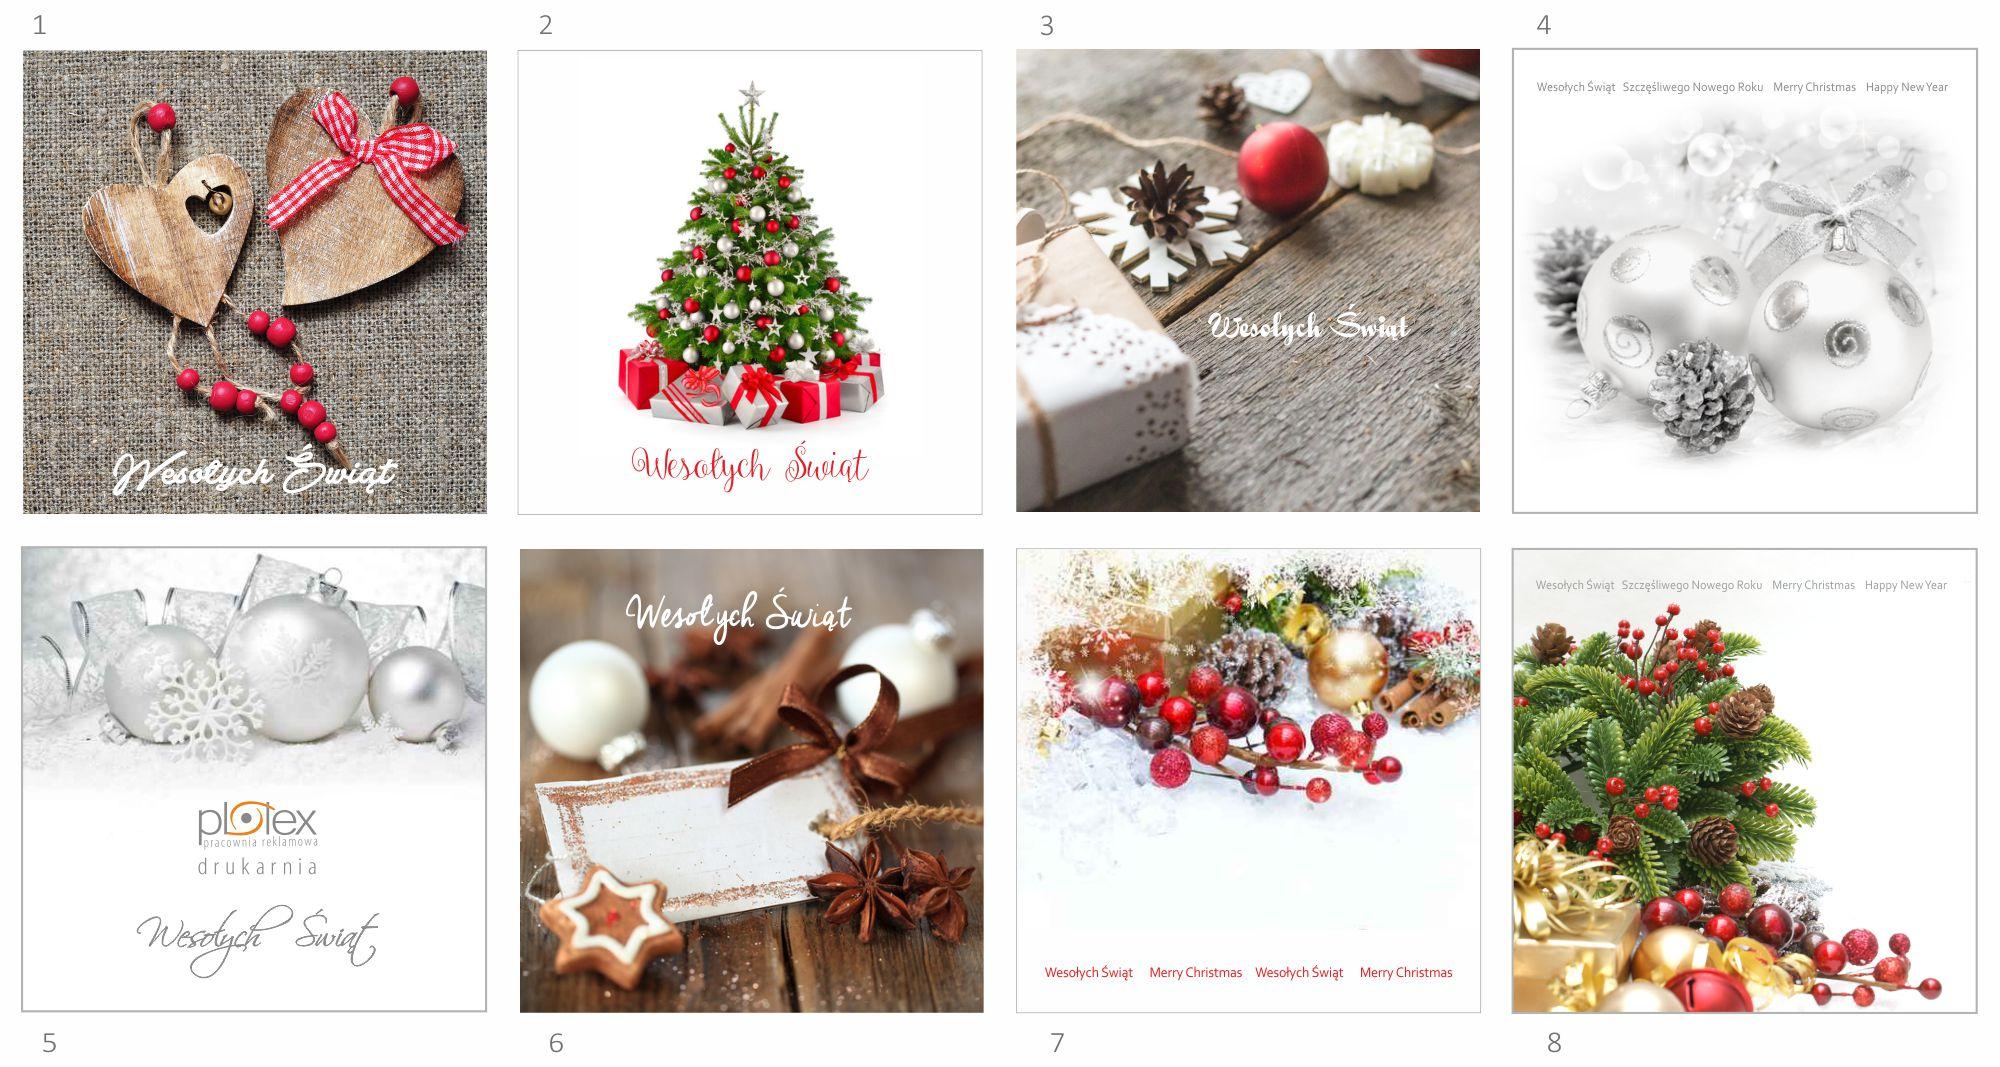 kartki świąteczne z logo 1